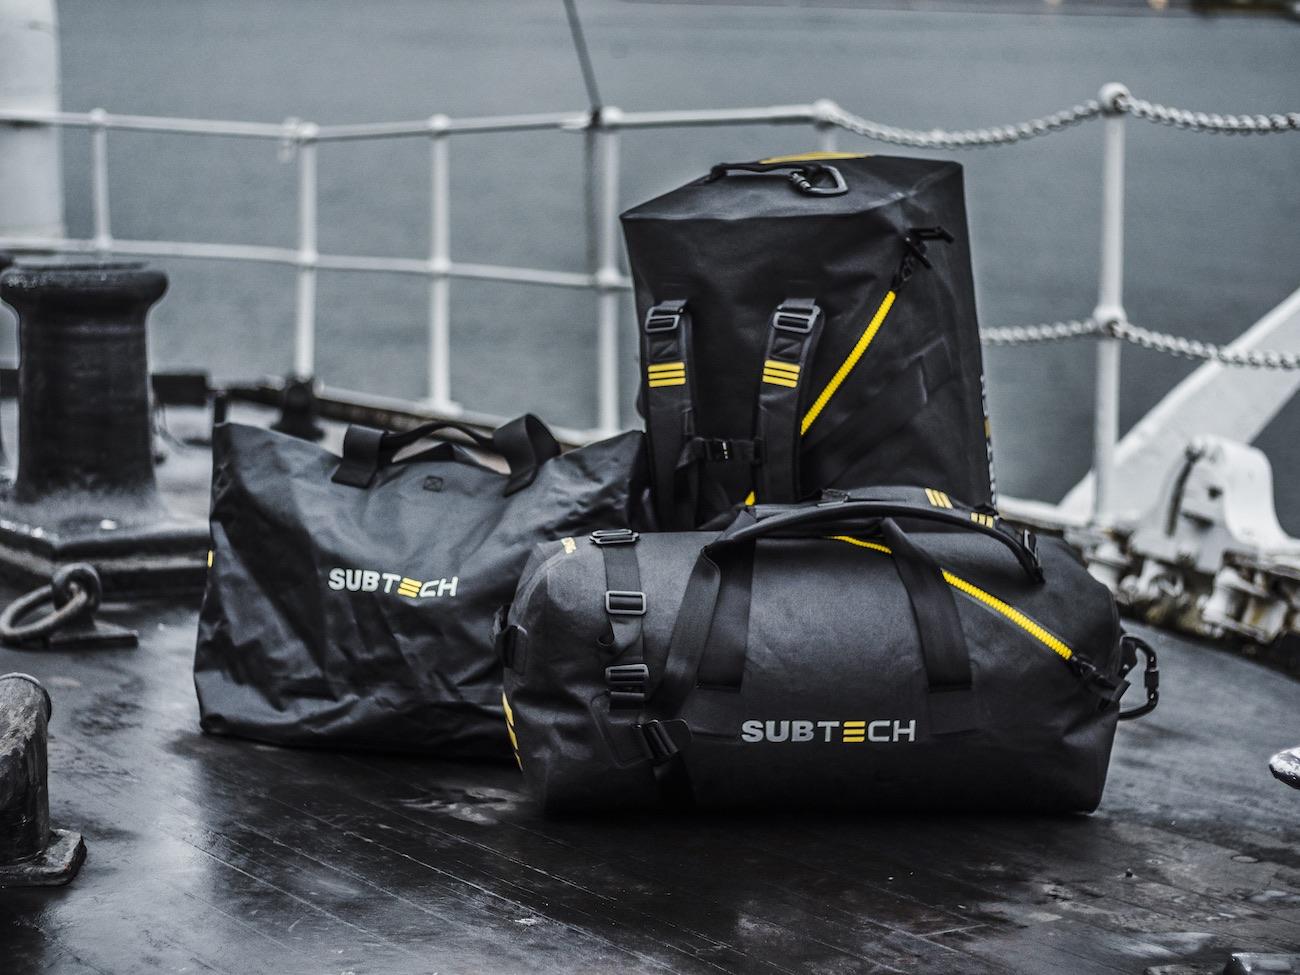 Pro Drybag 2.0 Waterproof Bag Series